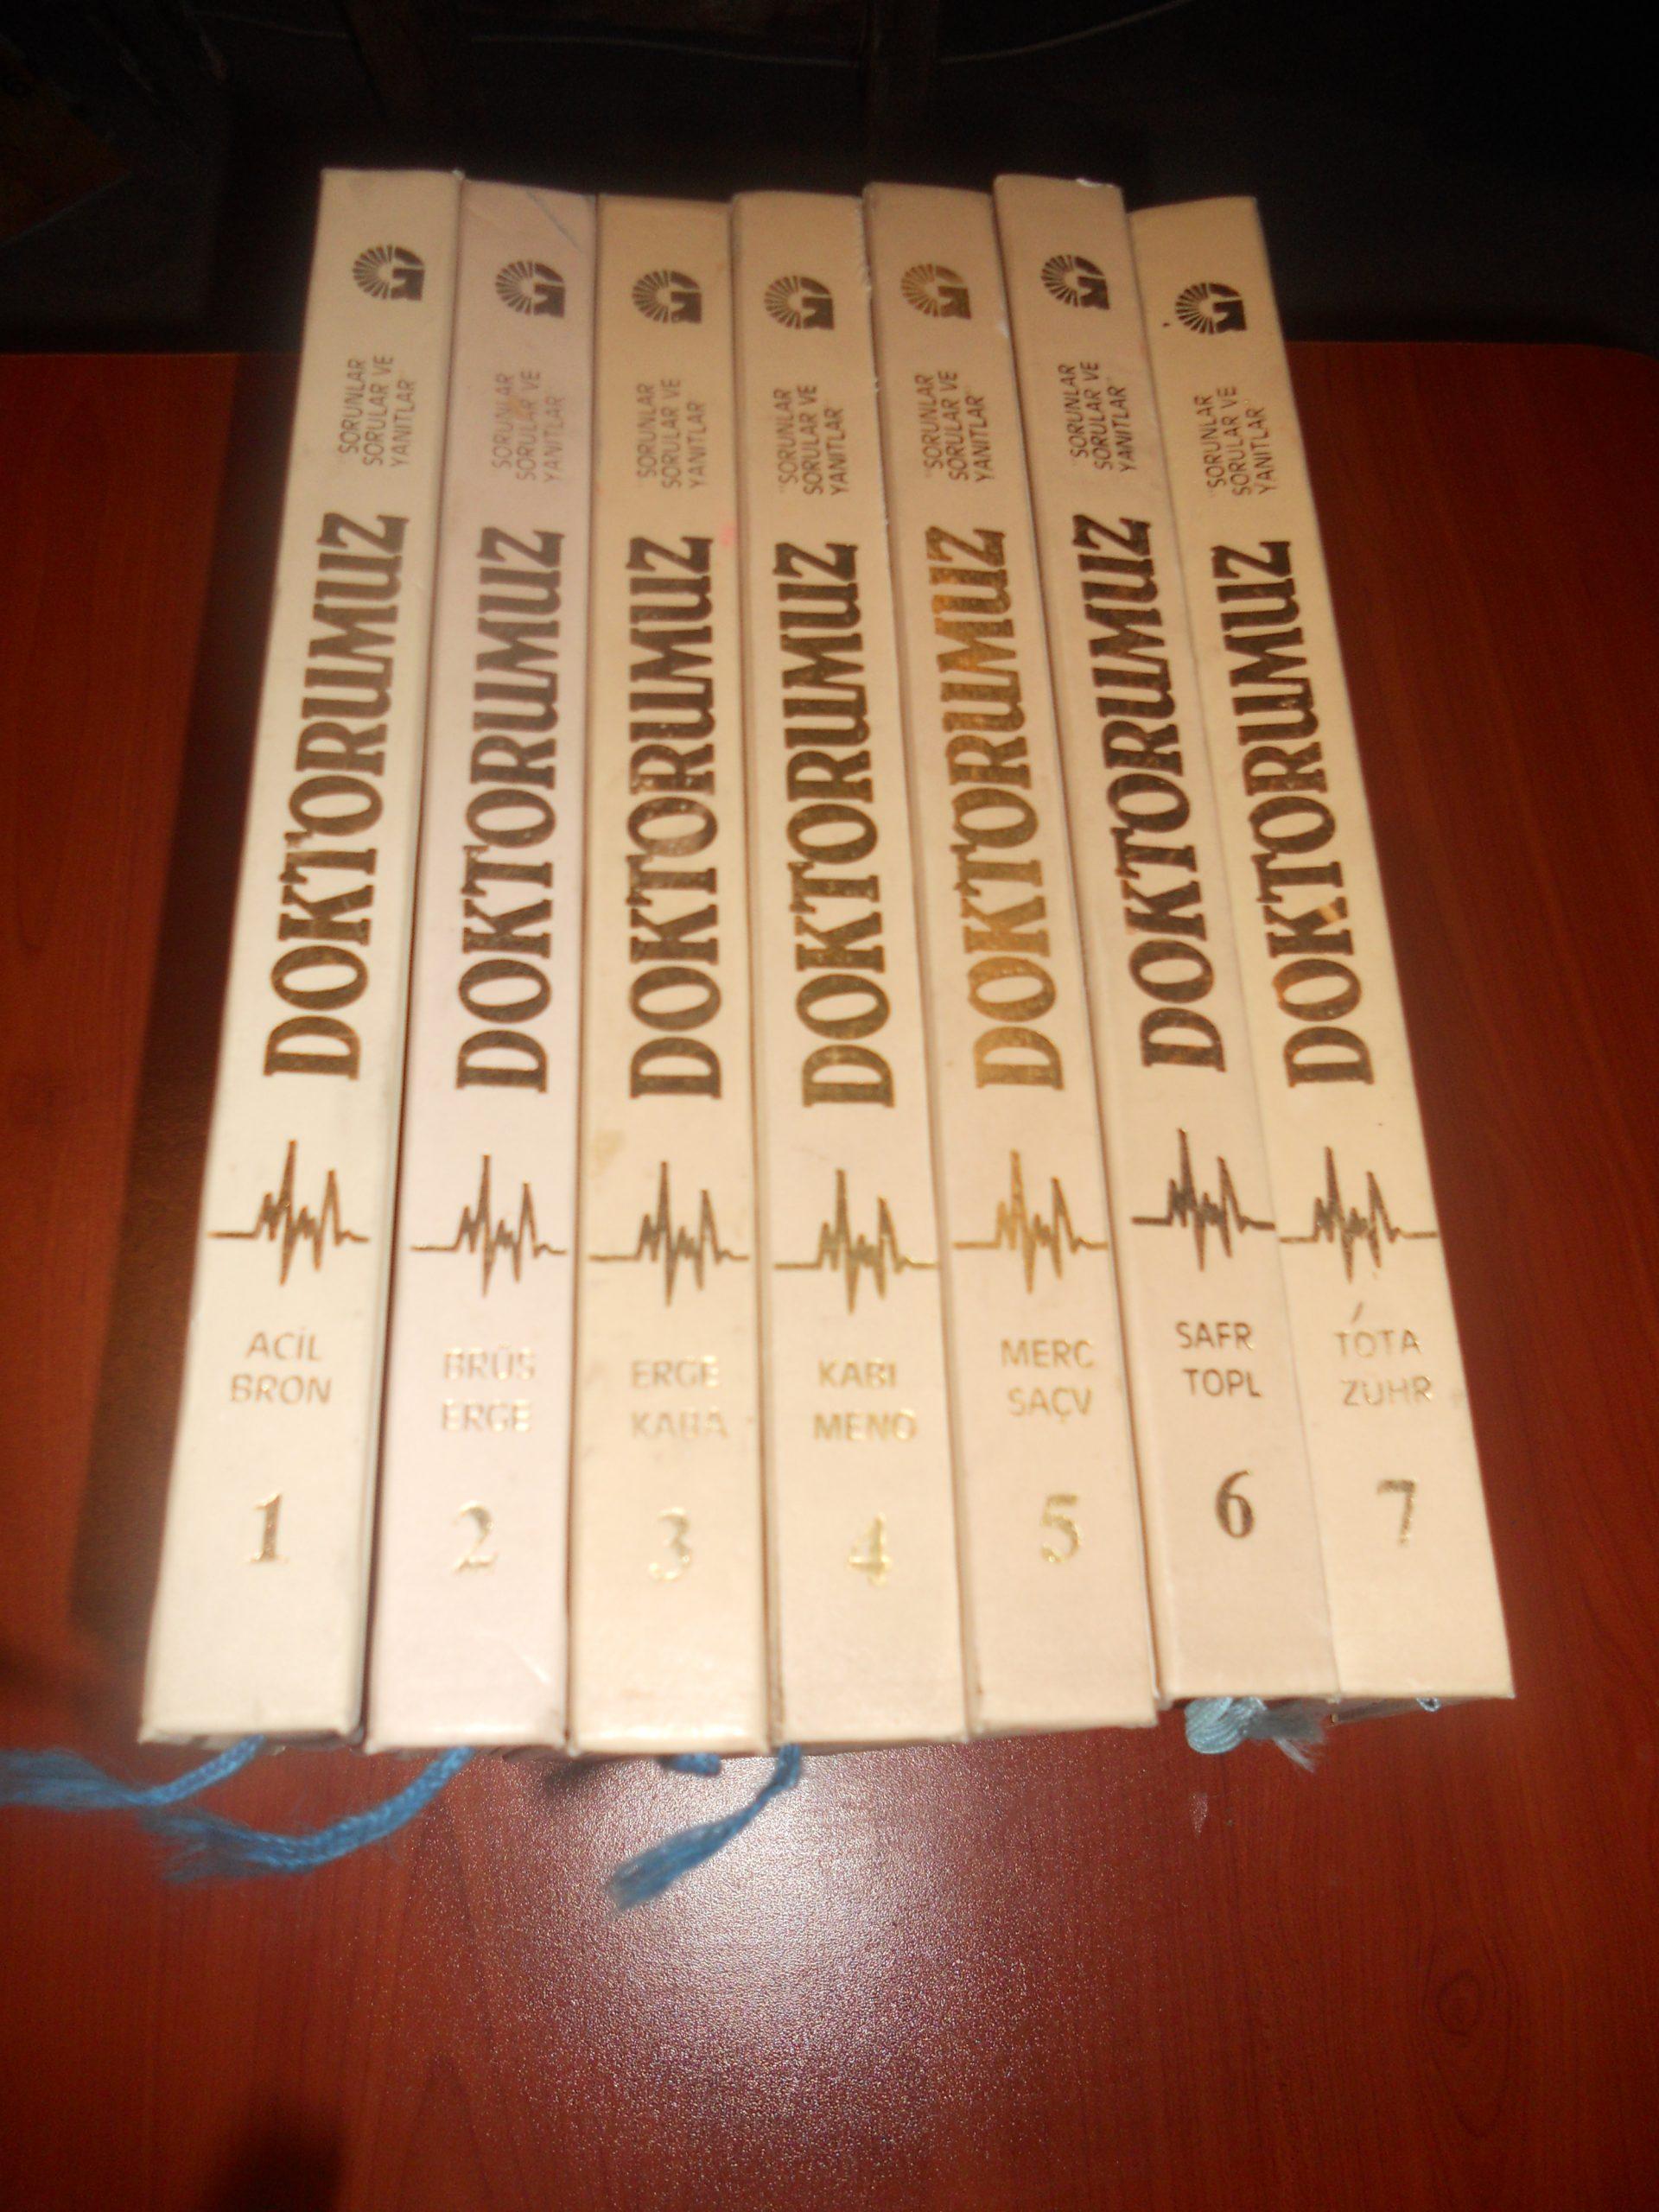 DOKTORUMUZ Ansıklopedisi(toplam 7 cilt)GELİŞİM YAY/50 tl